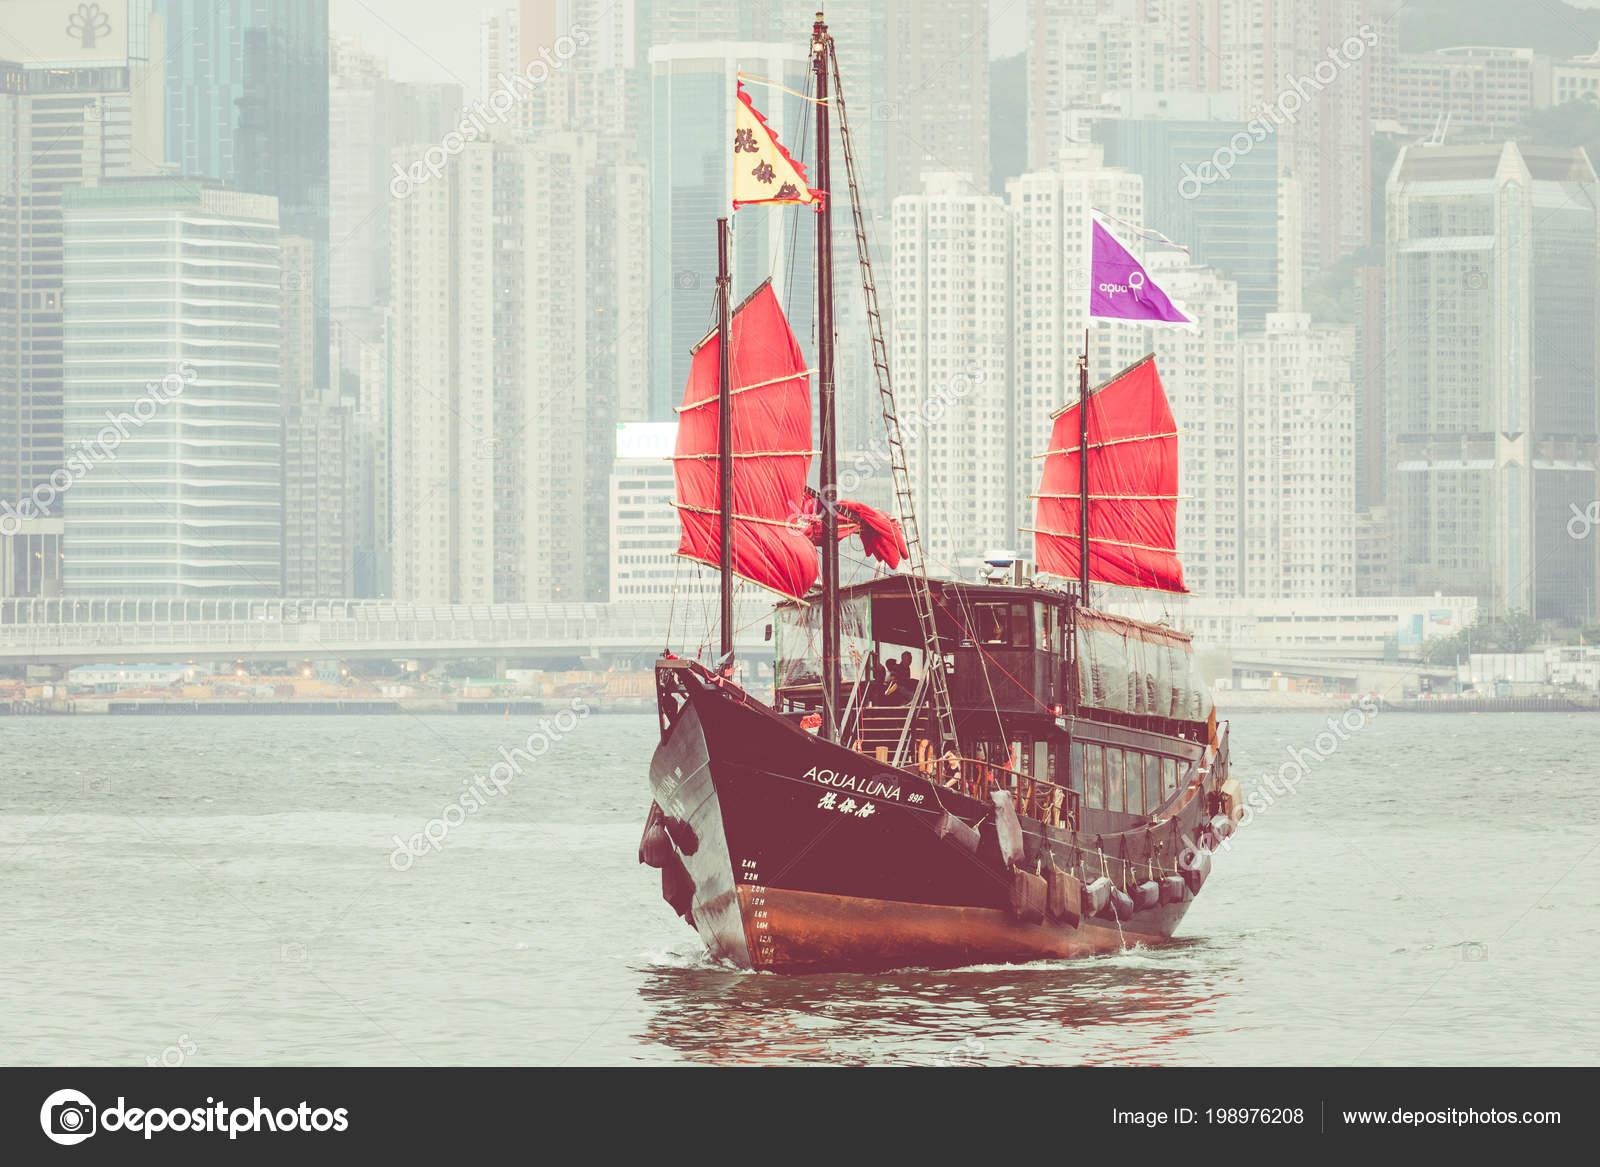 Hong Kong June 2018 Traditional Chinese Wooden Sailing Ship